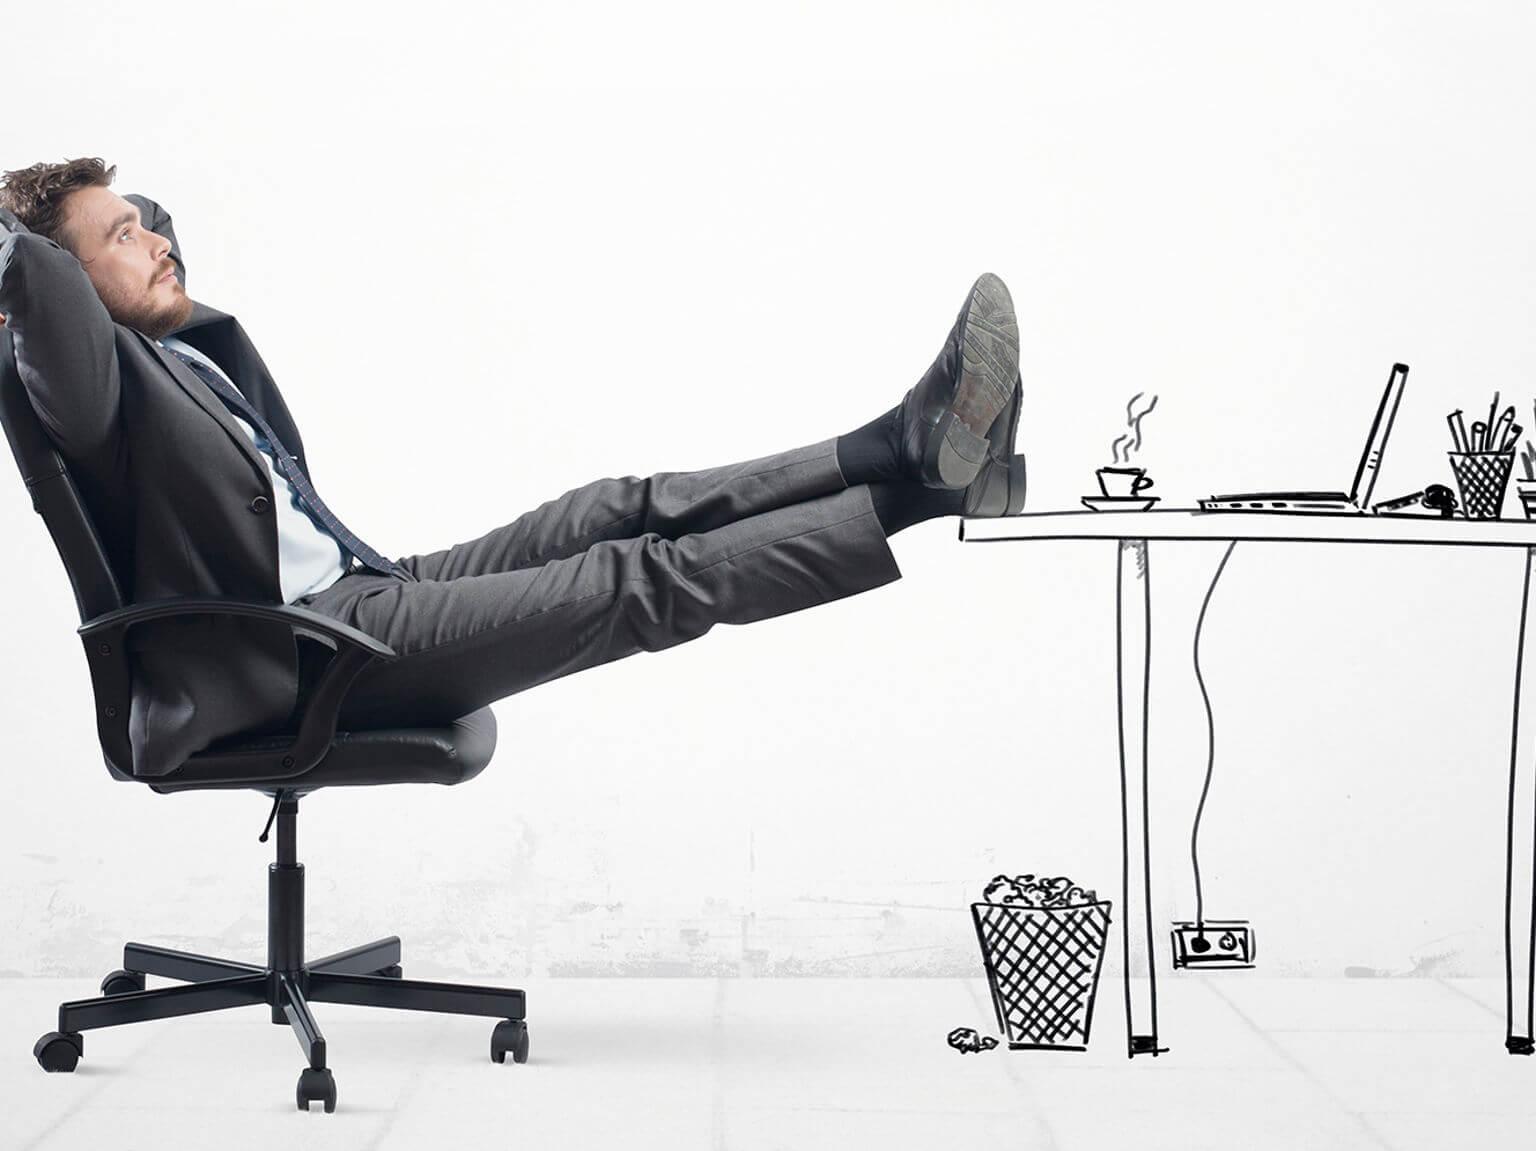 Hombre sentado en silla con pies apoyados en mesa